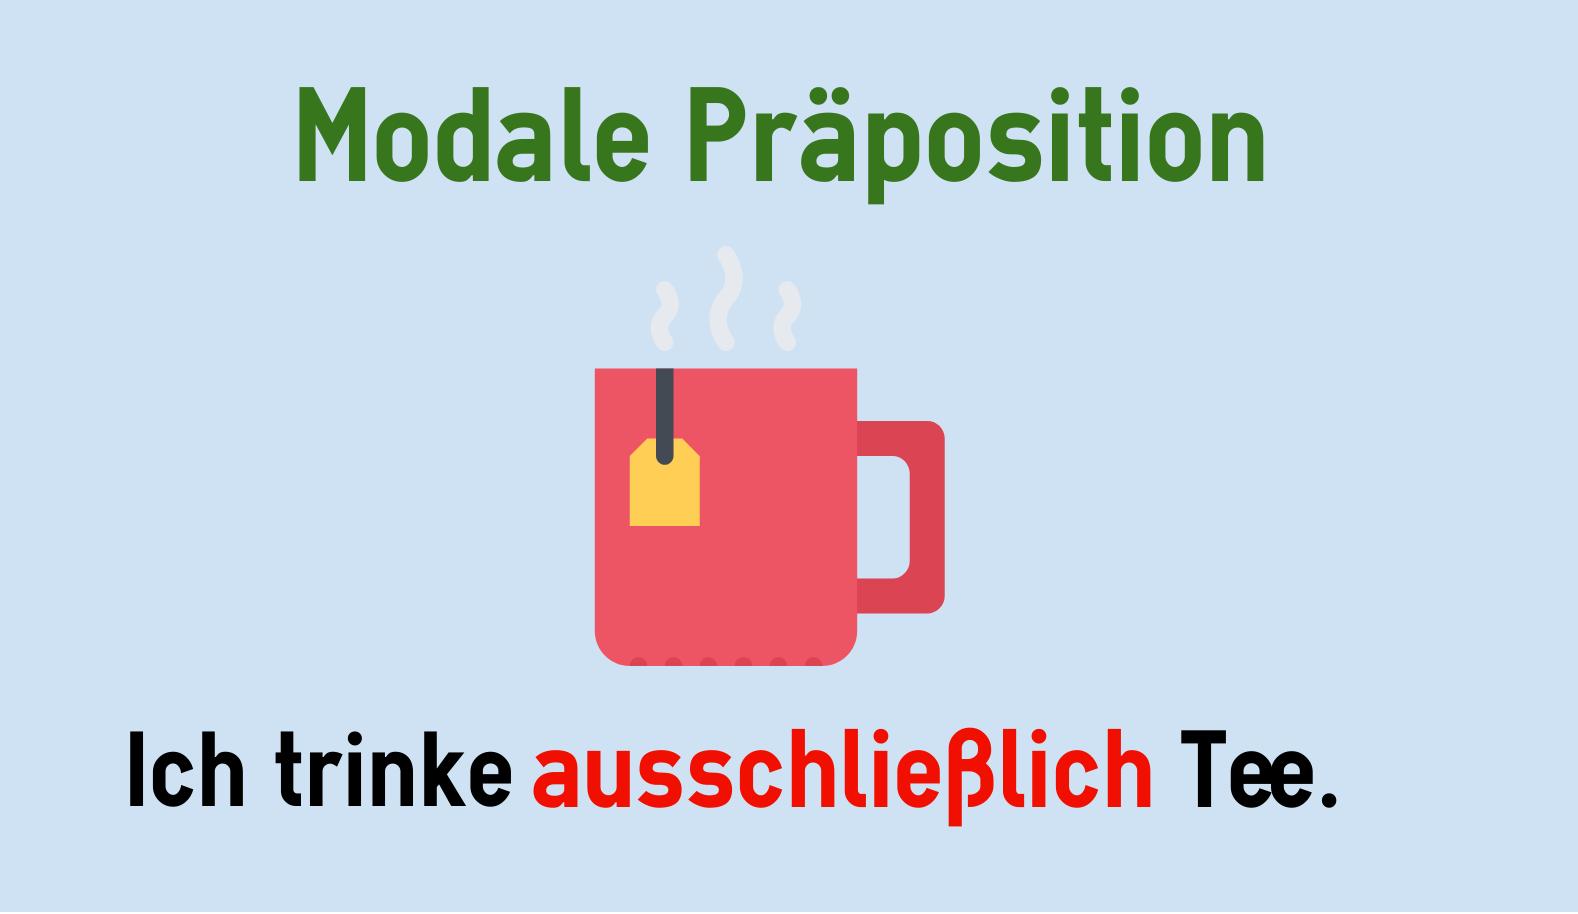 modale prpositionpng - Praposition Beispiel